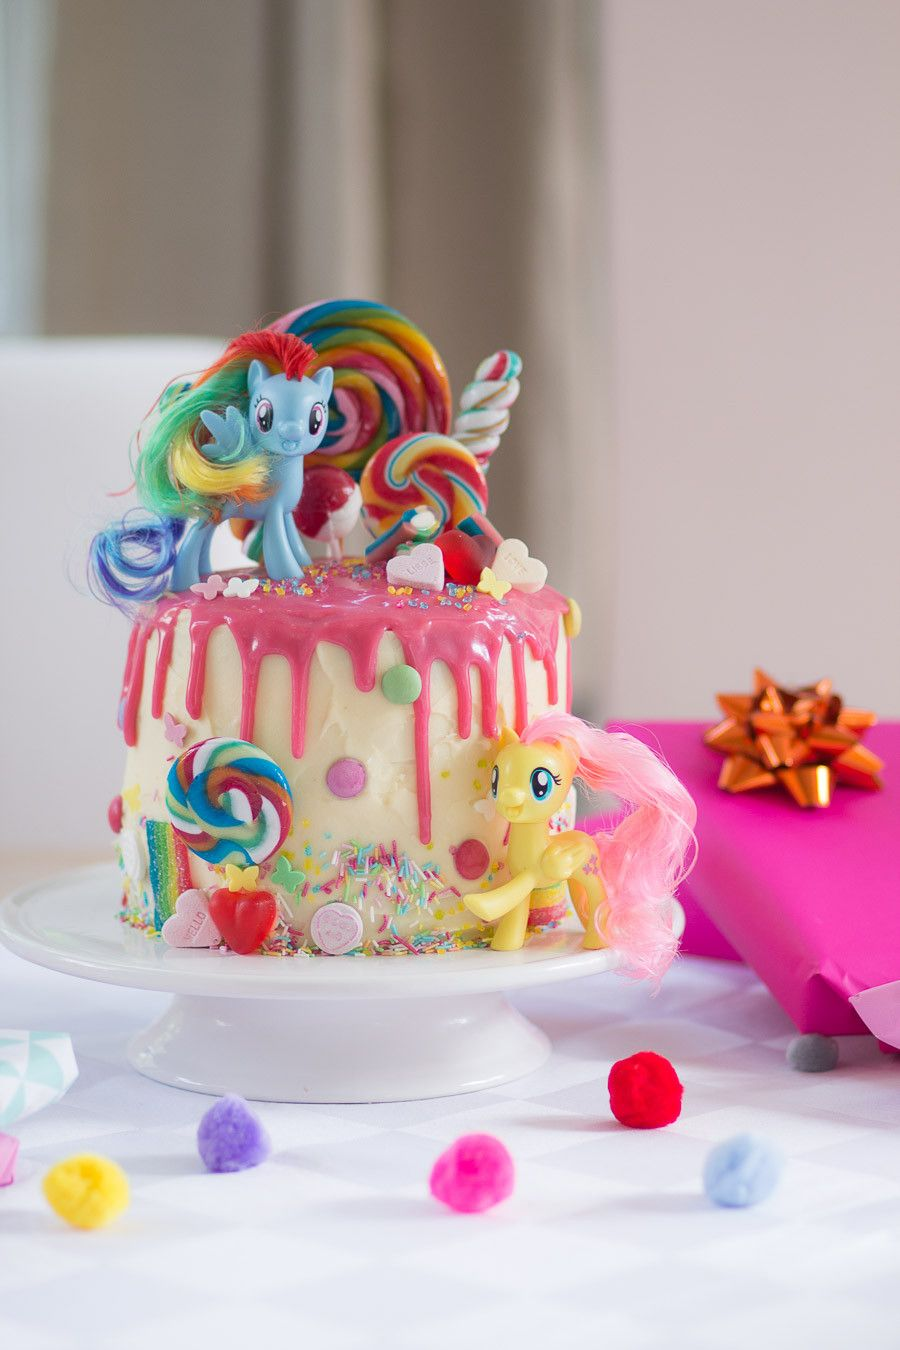 Geburtstag Torten Luxury My Little Pony Torte Zum 4 Geburtstag Mother S Finest Kinder Geburtstag Torte Geburtstag Torte Geburtstag Kuchen Einfach